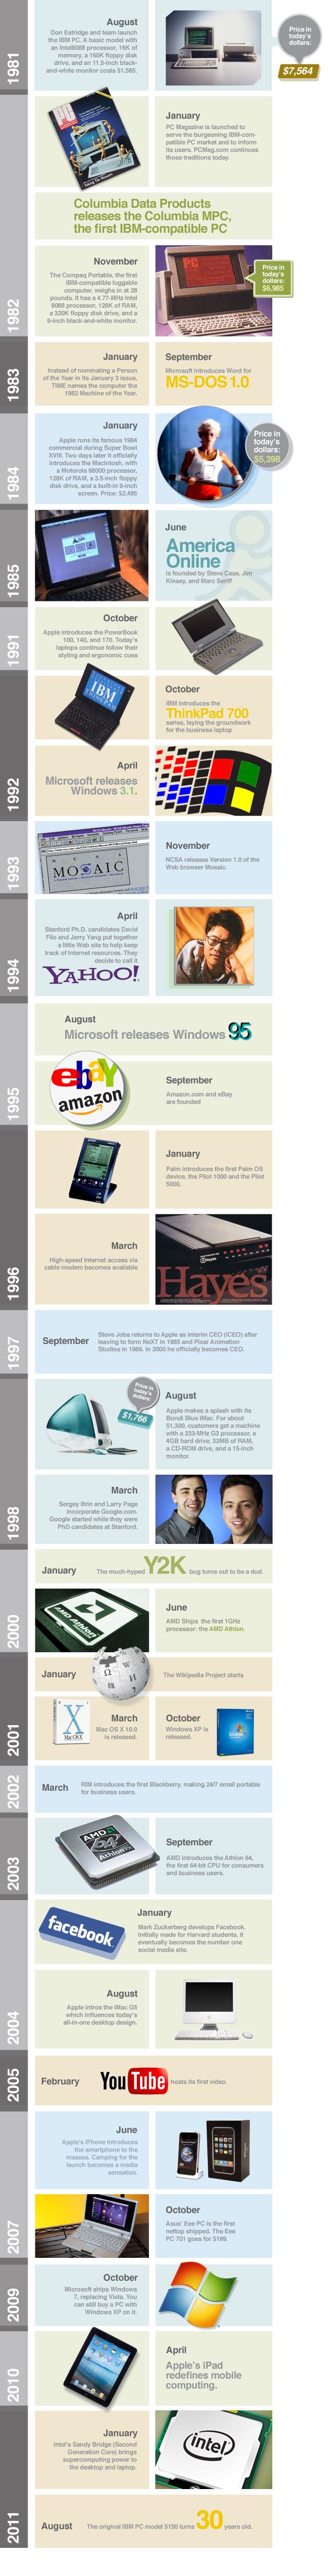 Actualidad Informática. Infografía, 30 años del PC de IBM. Rafael Barzanallanan